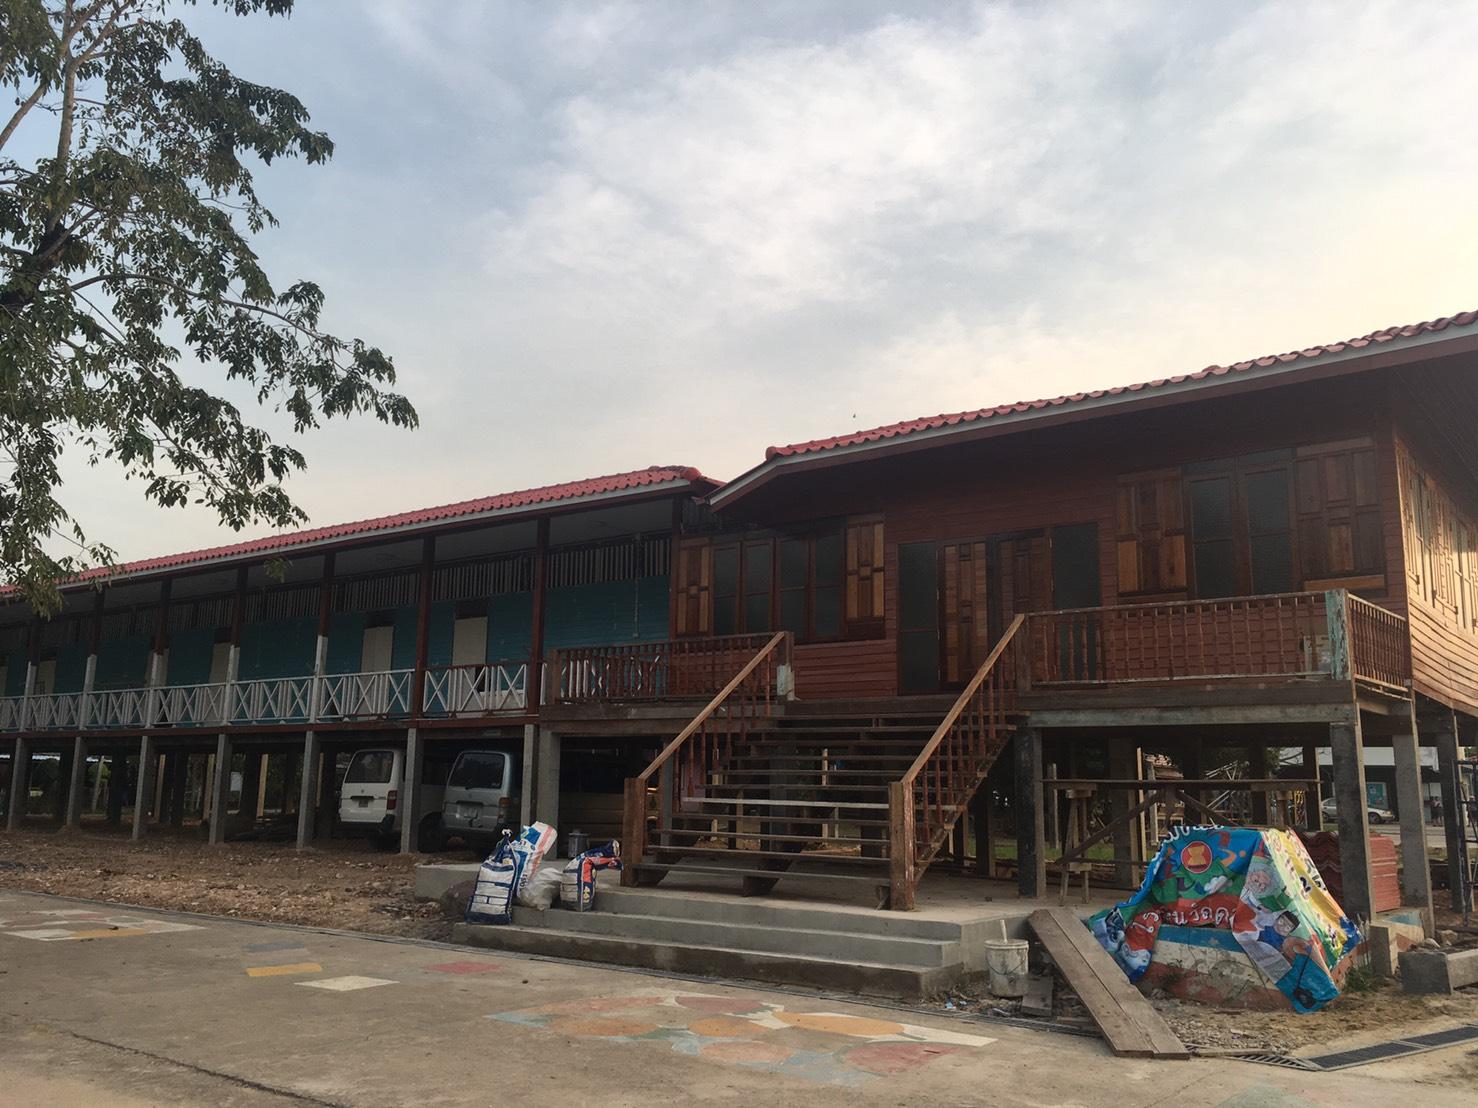 โรงเรียนที่ขาดแคลน